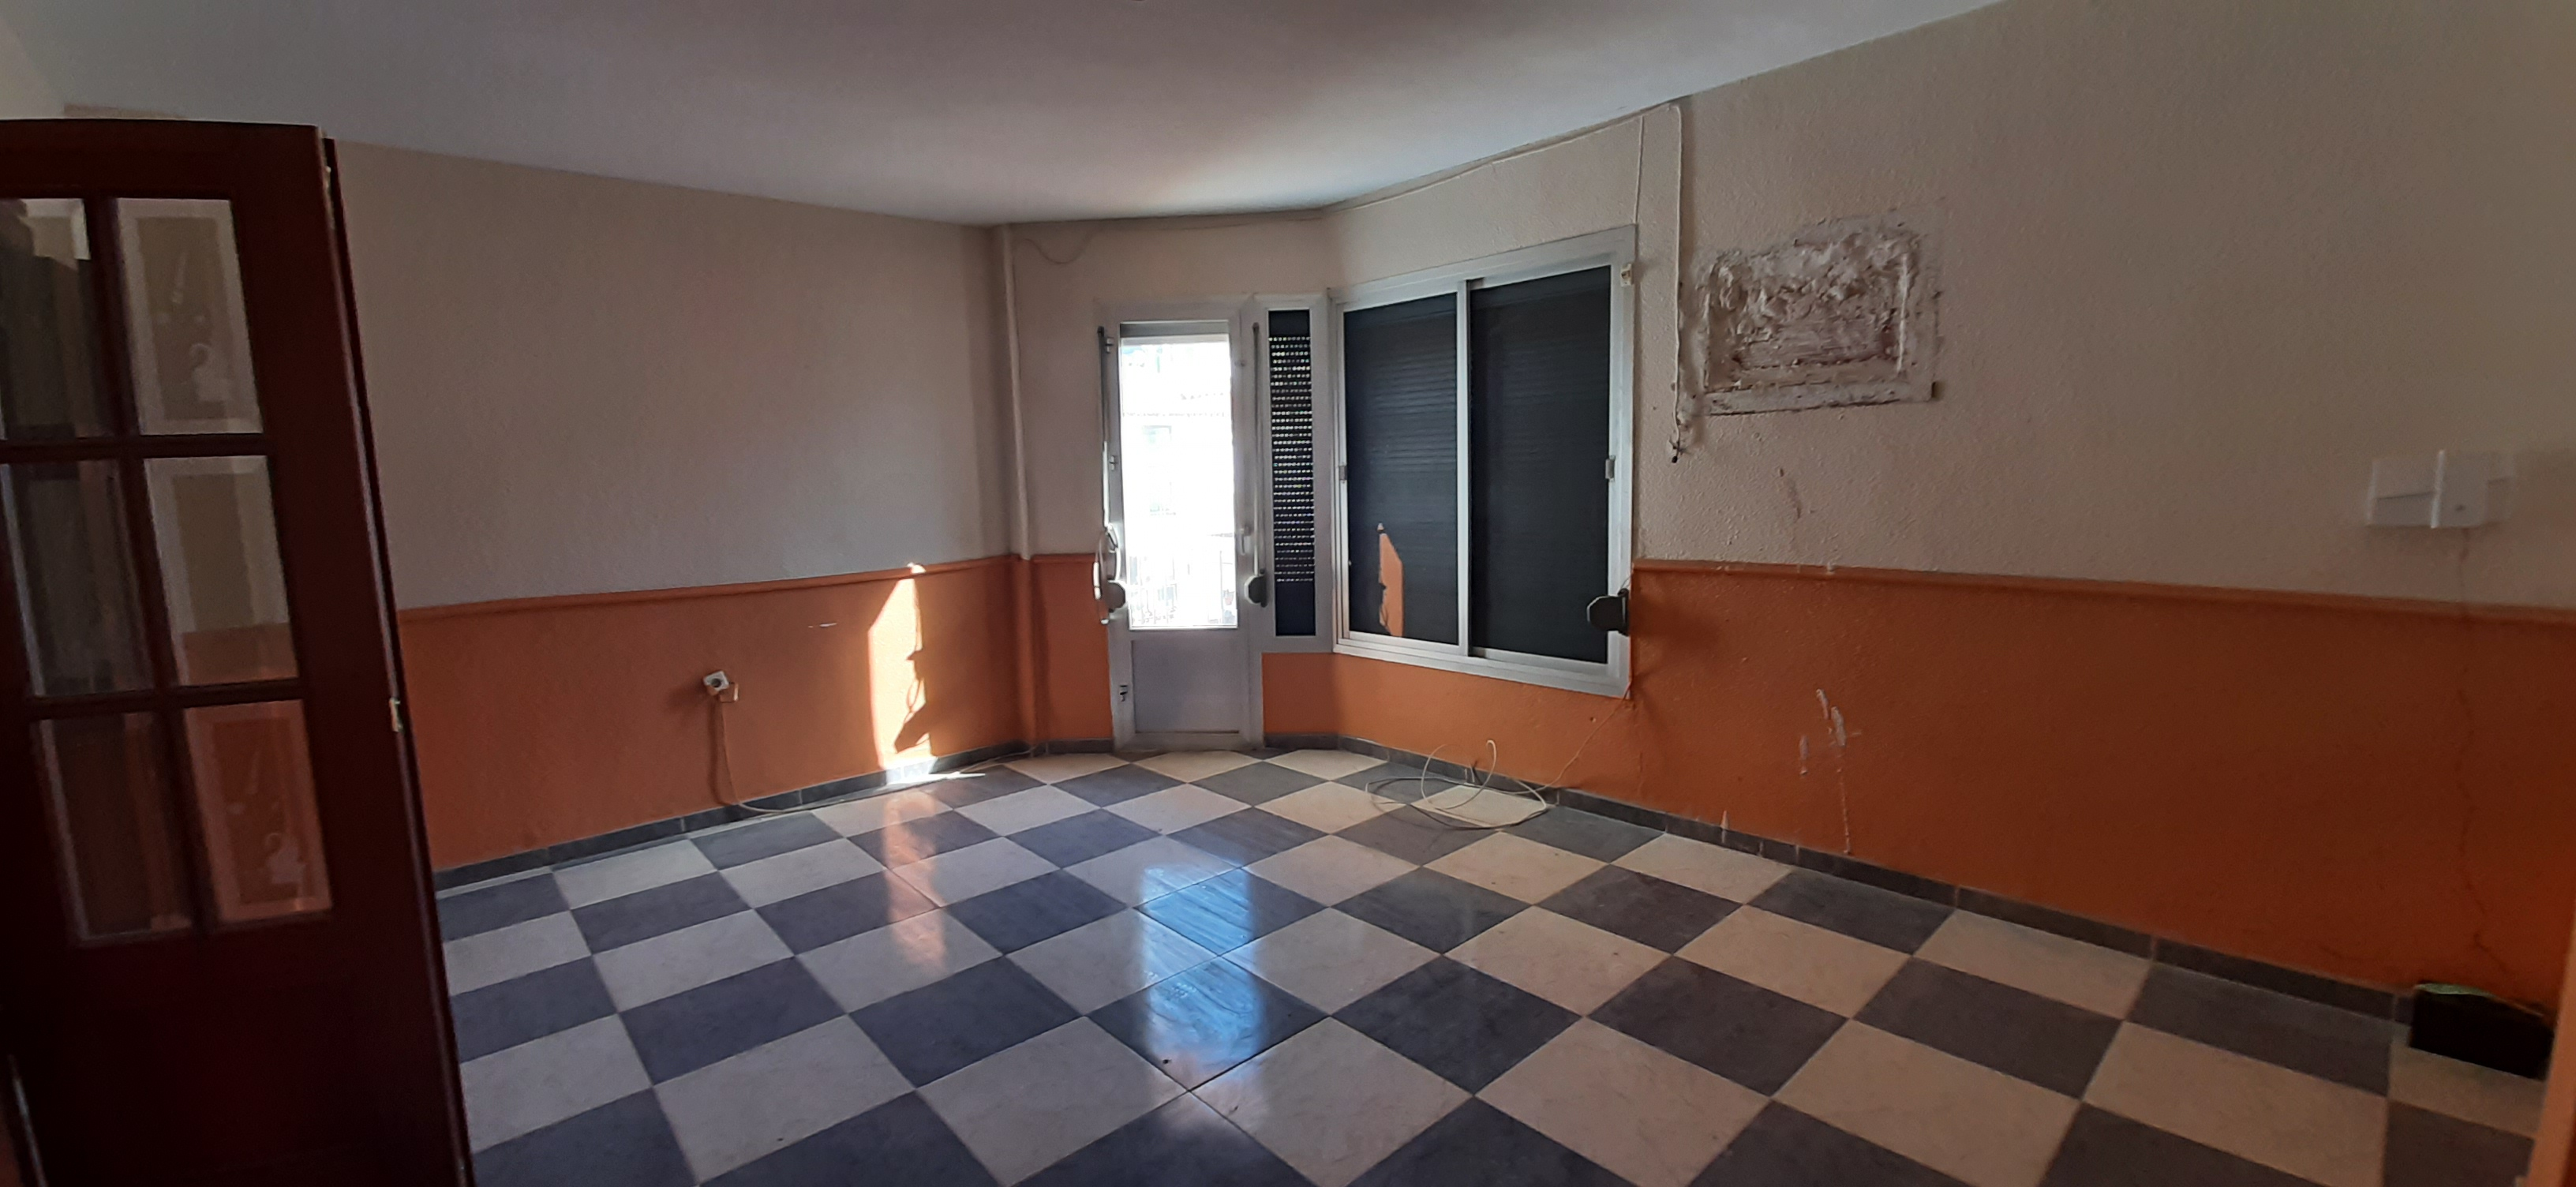 Piso en venta en Bailén, Jaén, Pasaje Puerto Rico, 48.000 €, 3 habitaciones, 1 baño, 99 m2